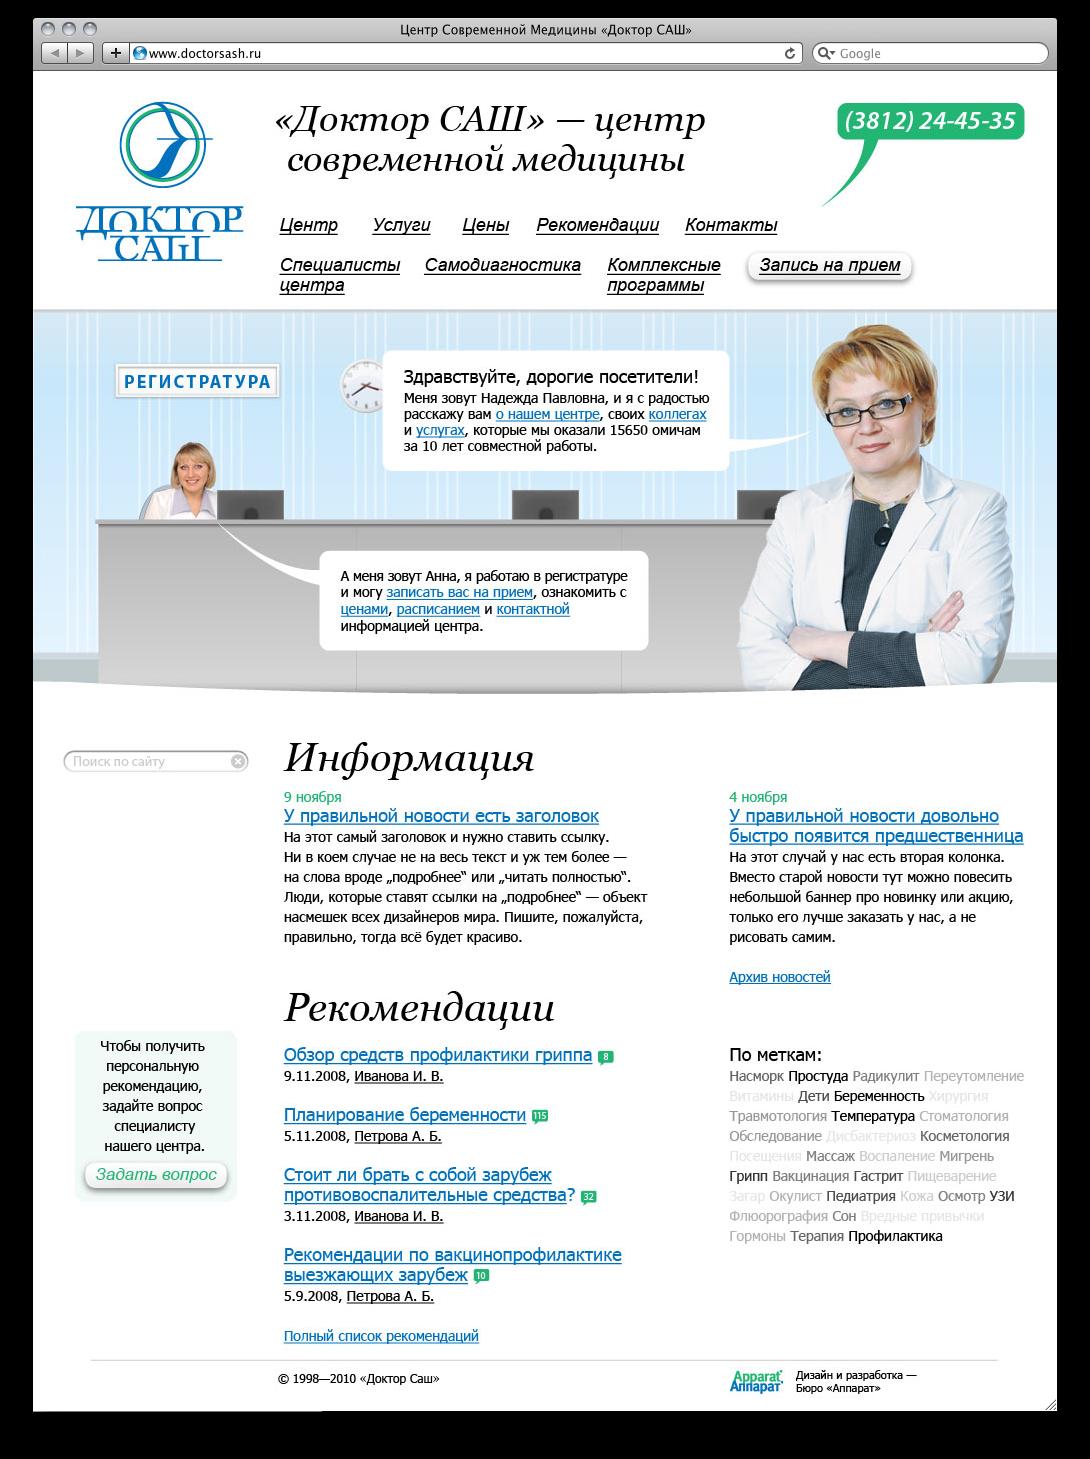 Сайт ЦСМ «Доктор САШ» — Главная страница